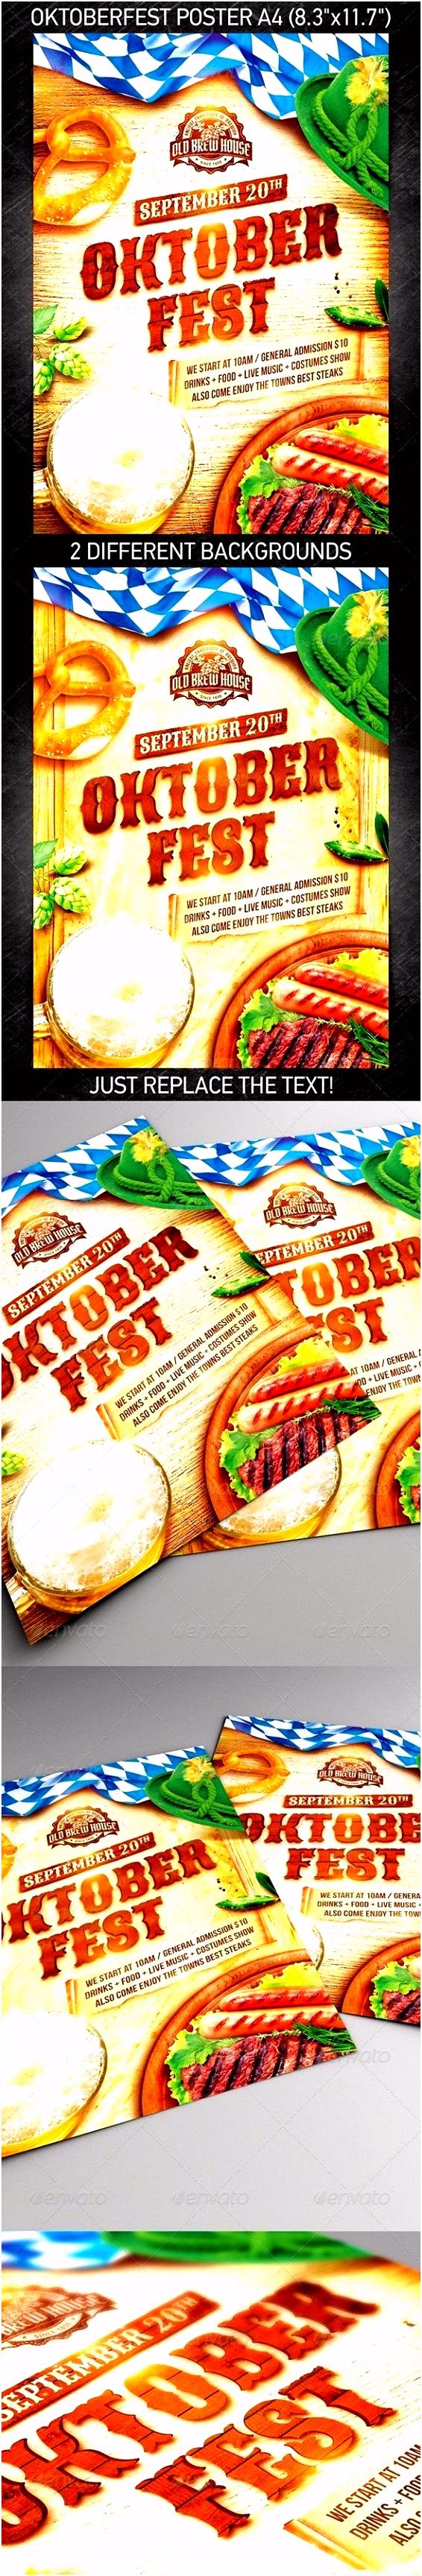 Oktoberfest Invitation Template – Oktoberfest Od Mall